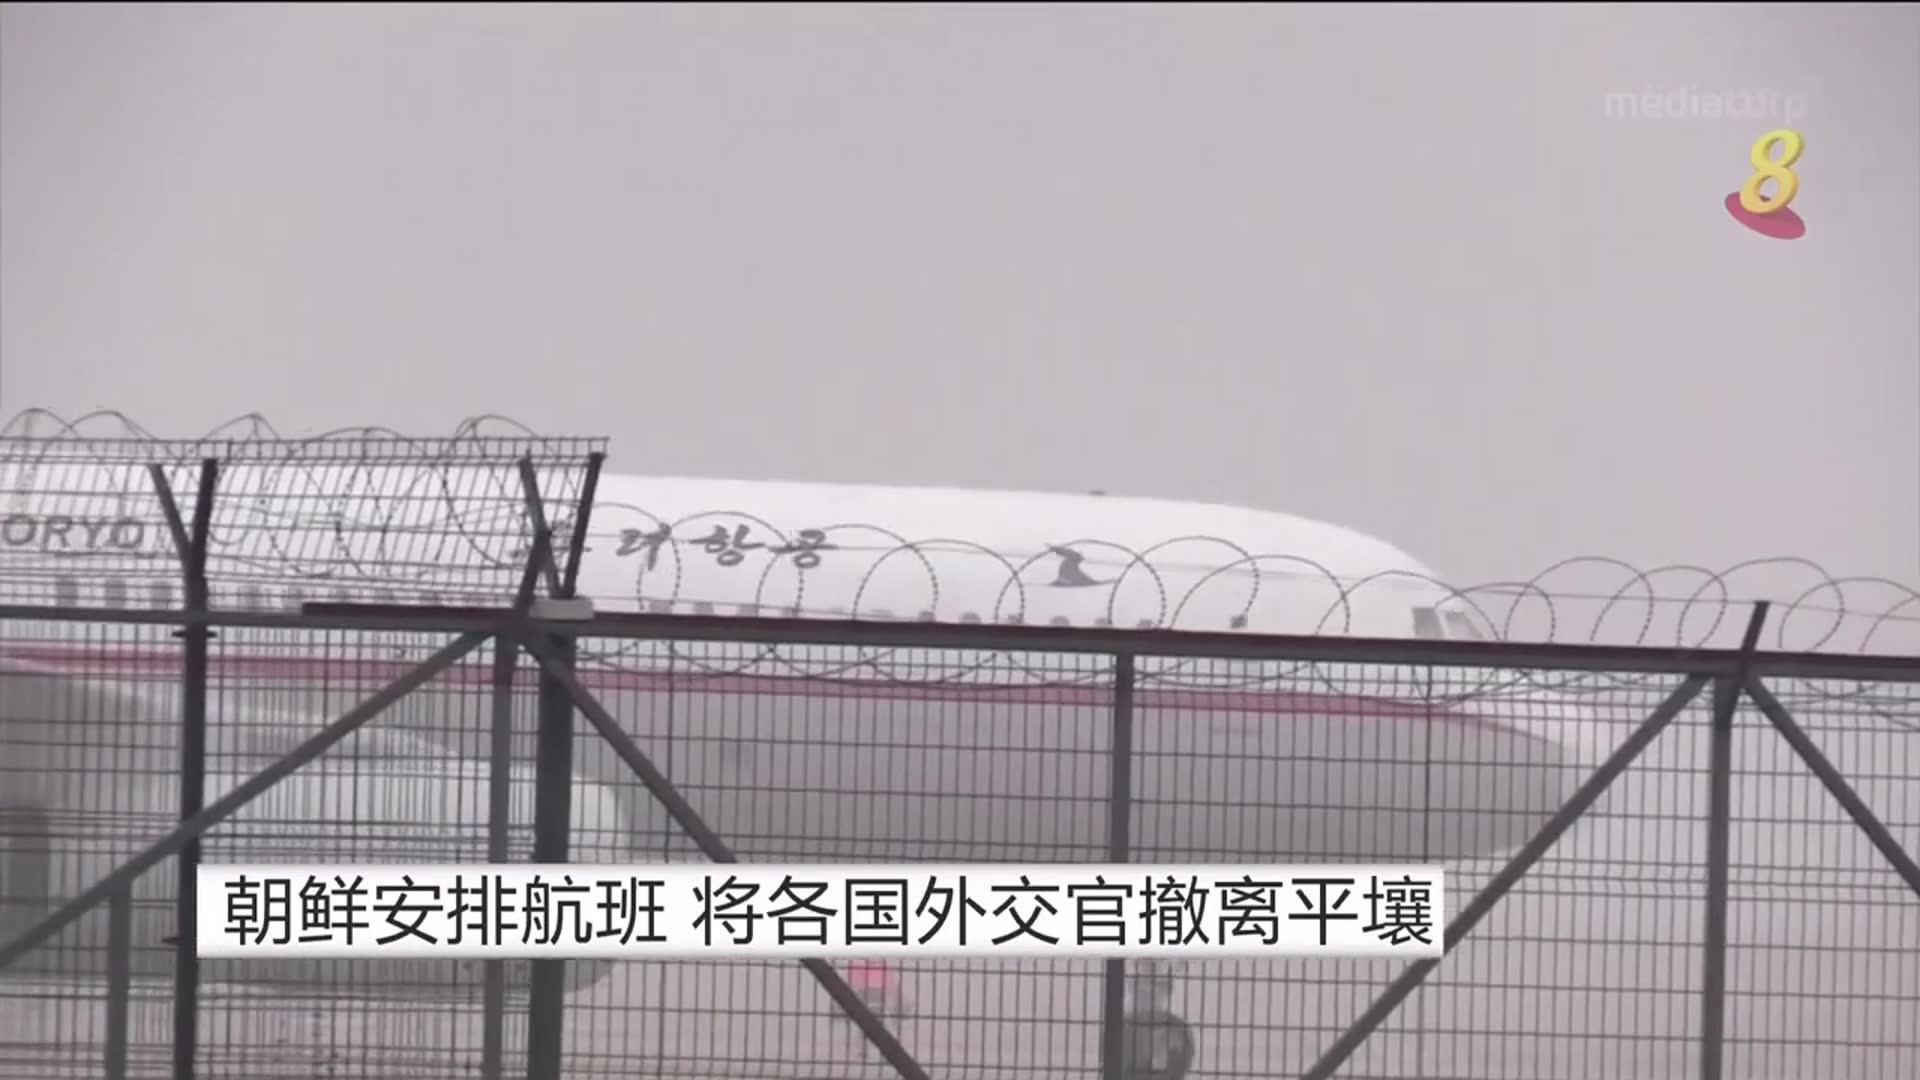 【冠状病毒19】朝鲜安排航班 将各国外交官撤离平壤